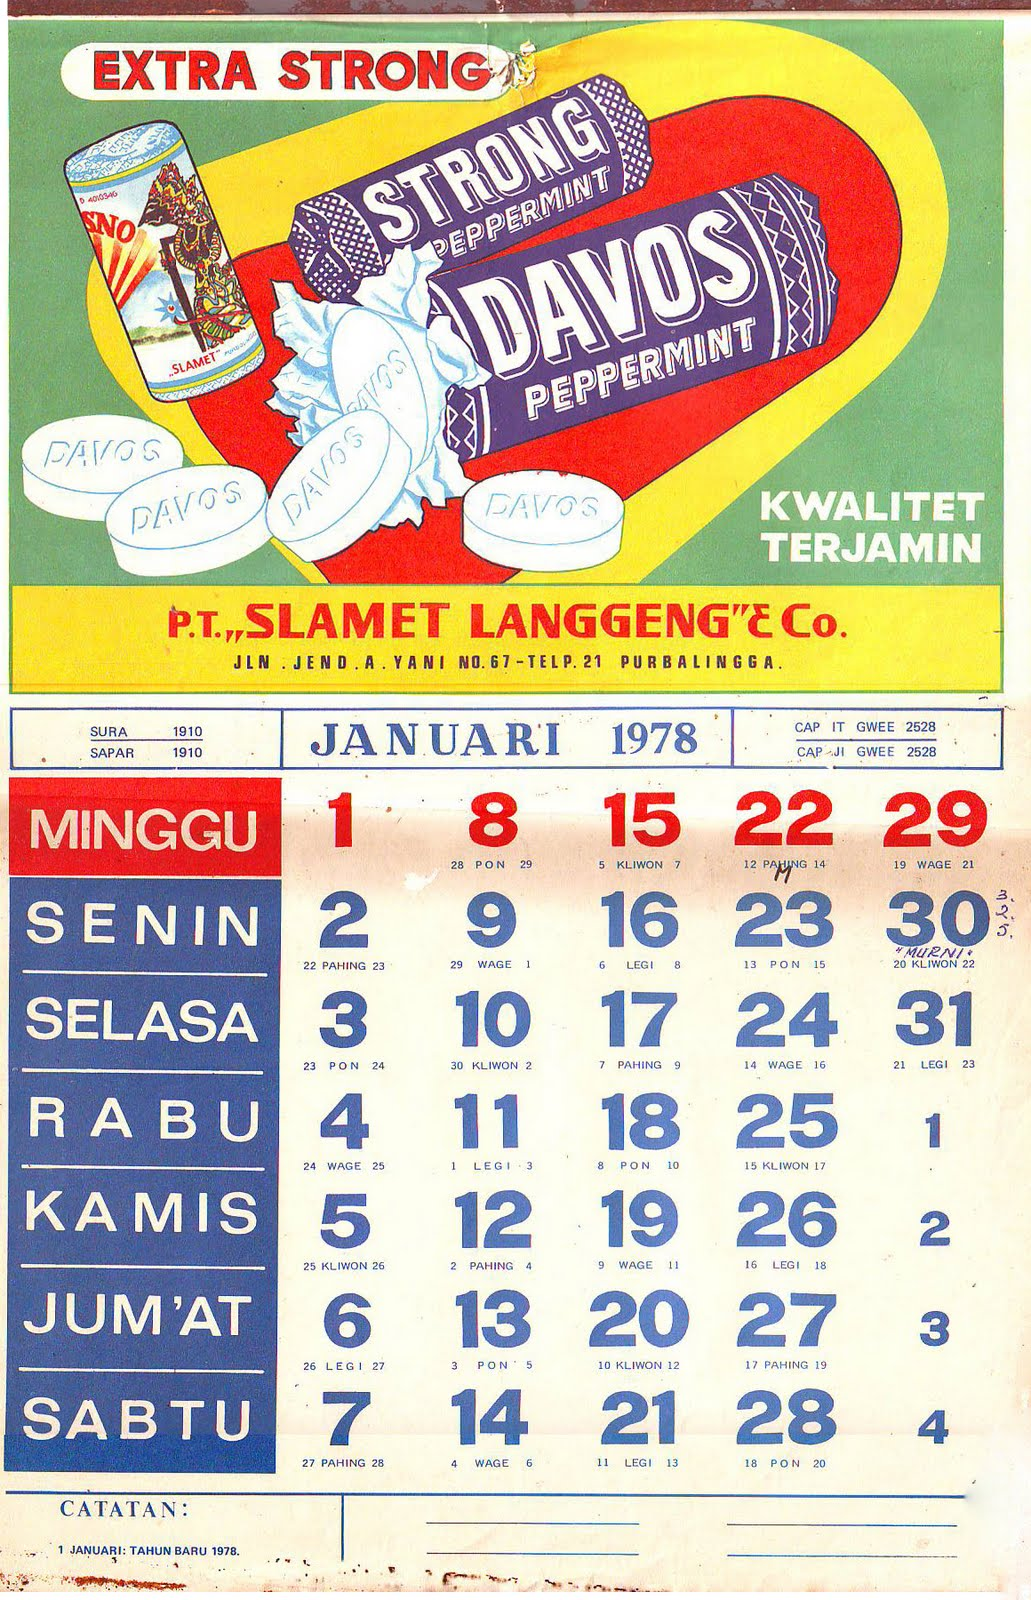 71 Tren Gaya Gambar Kalender Tahun 1977 Desain Kalender Minggu pertama tahun ini dimulai pada hari senin, tanggal 3. tren gaya gambar kalender tahun 1977